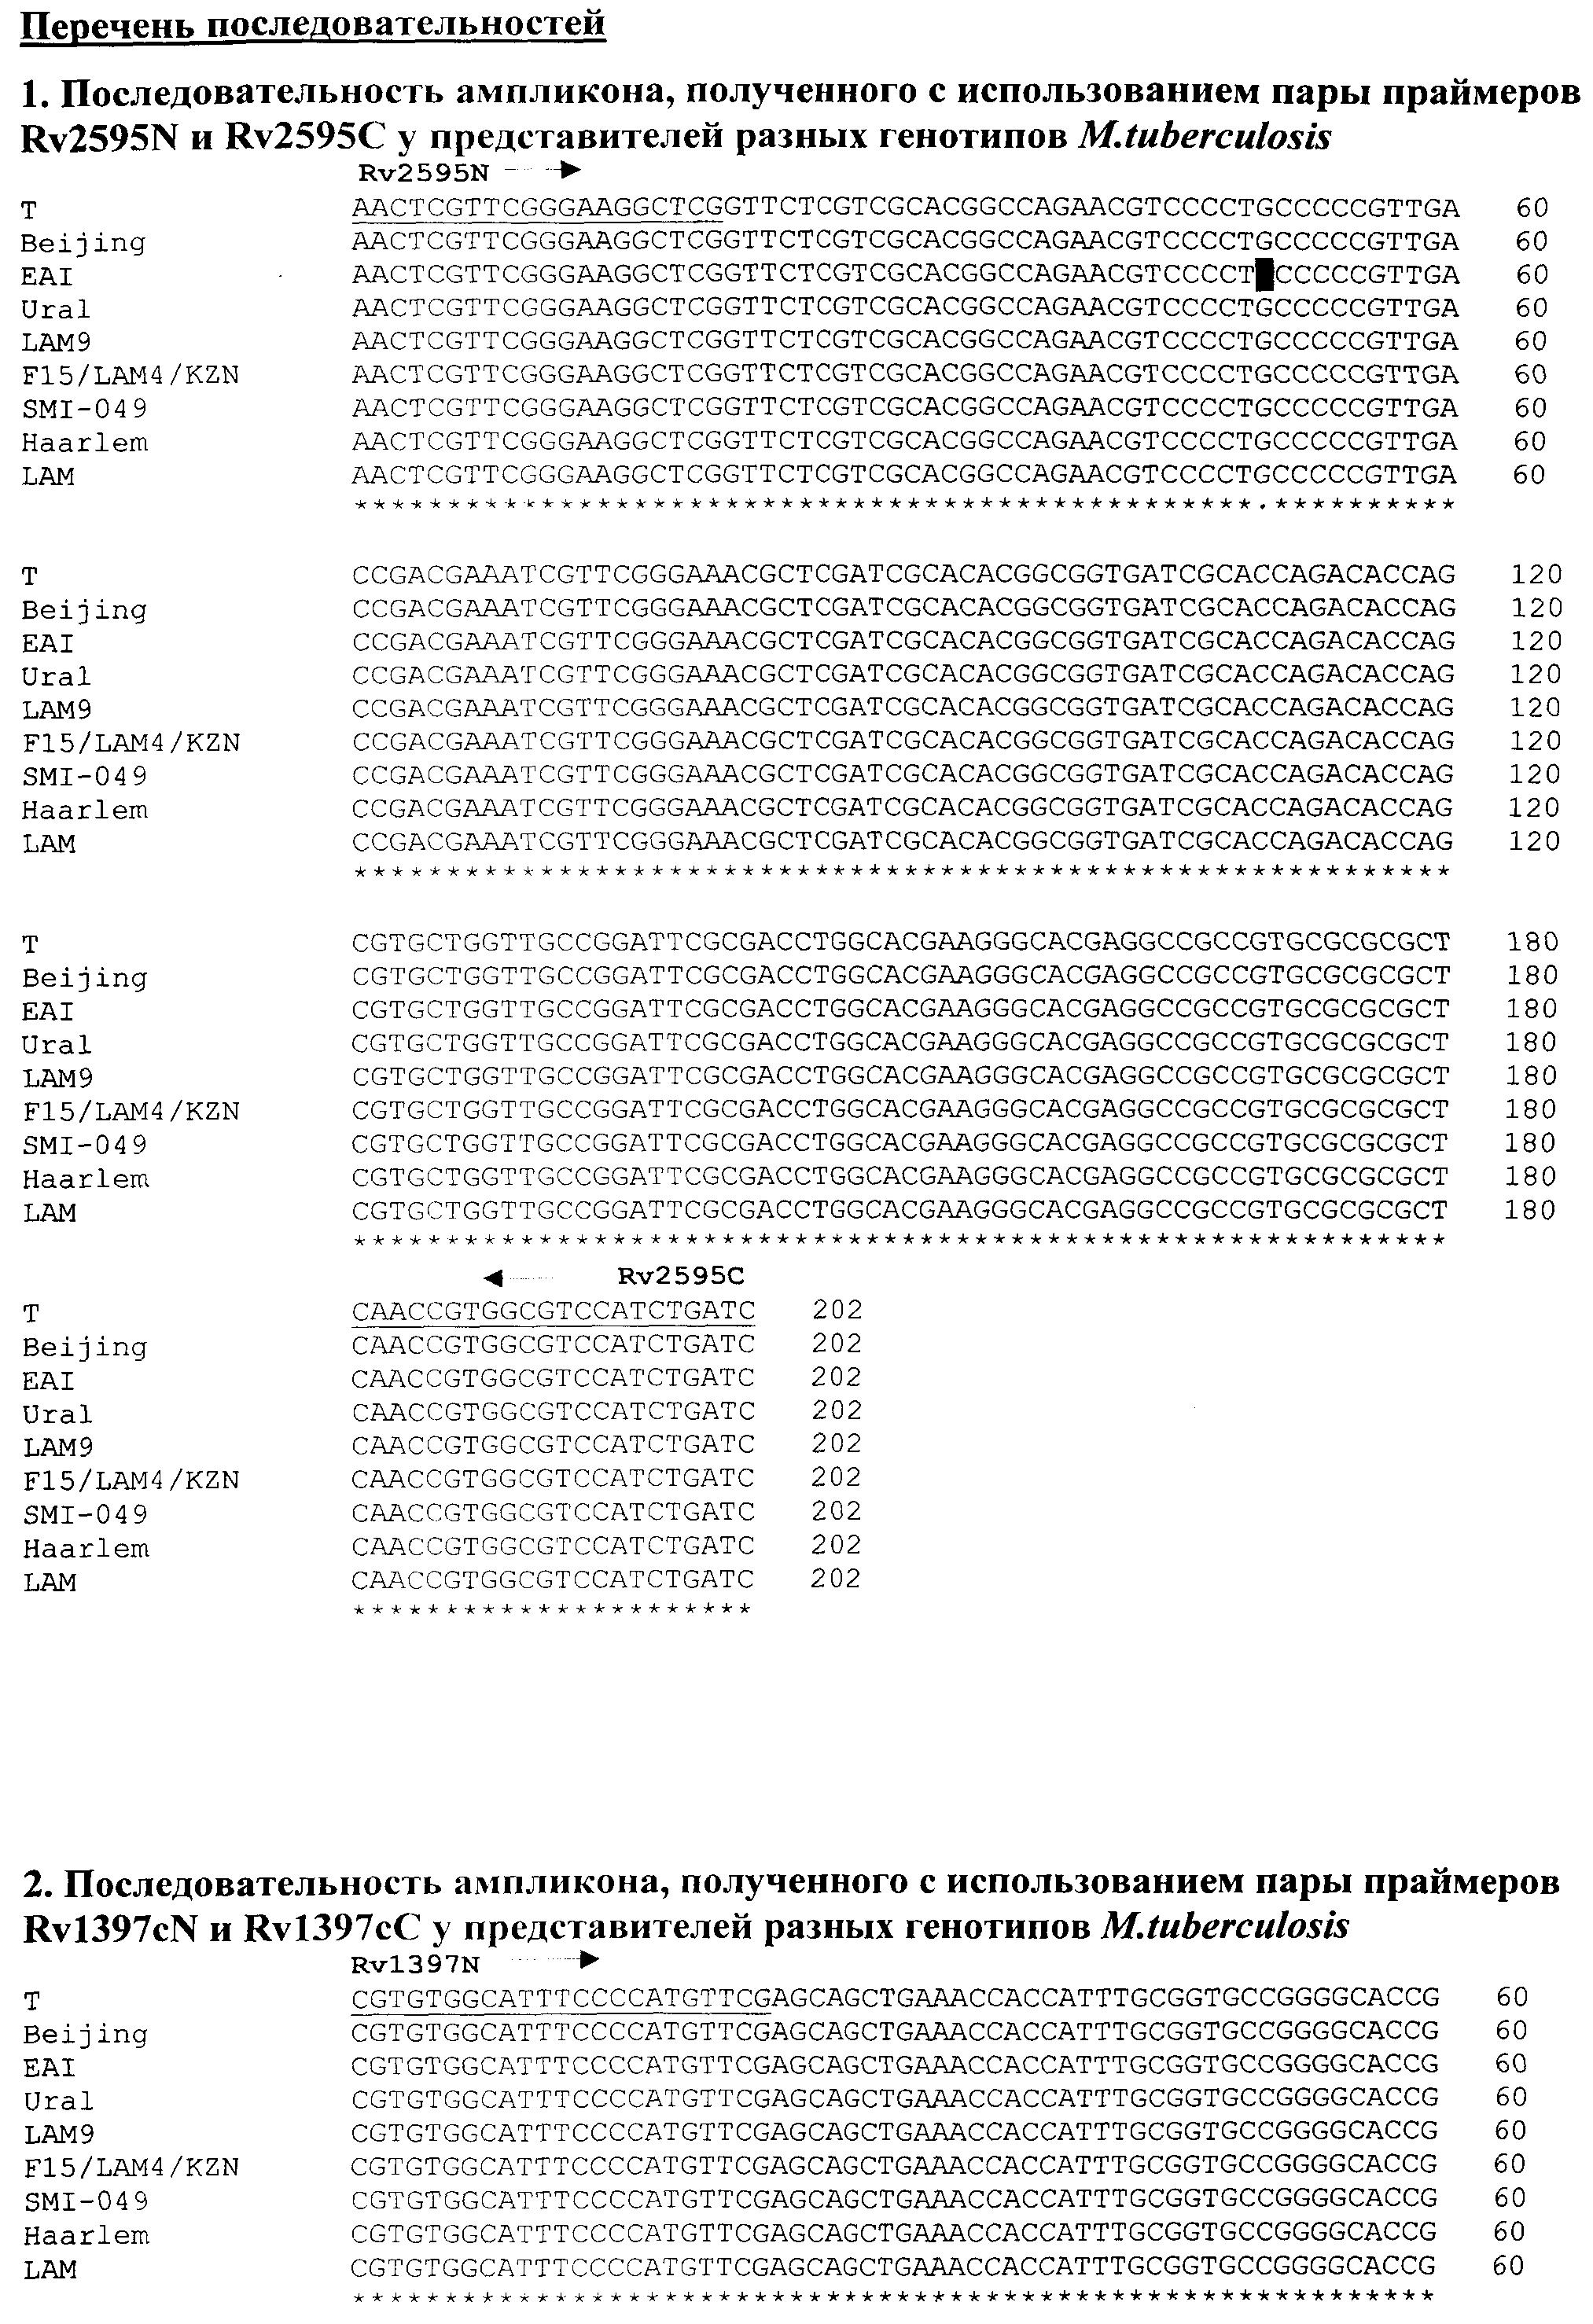 Способ генотипирования штаммов mycobacterium tuberculosis